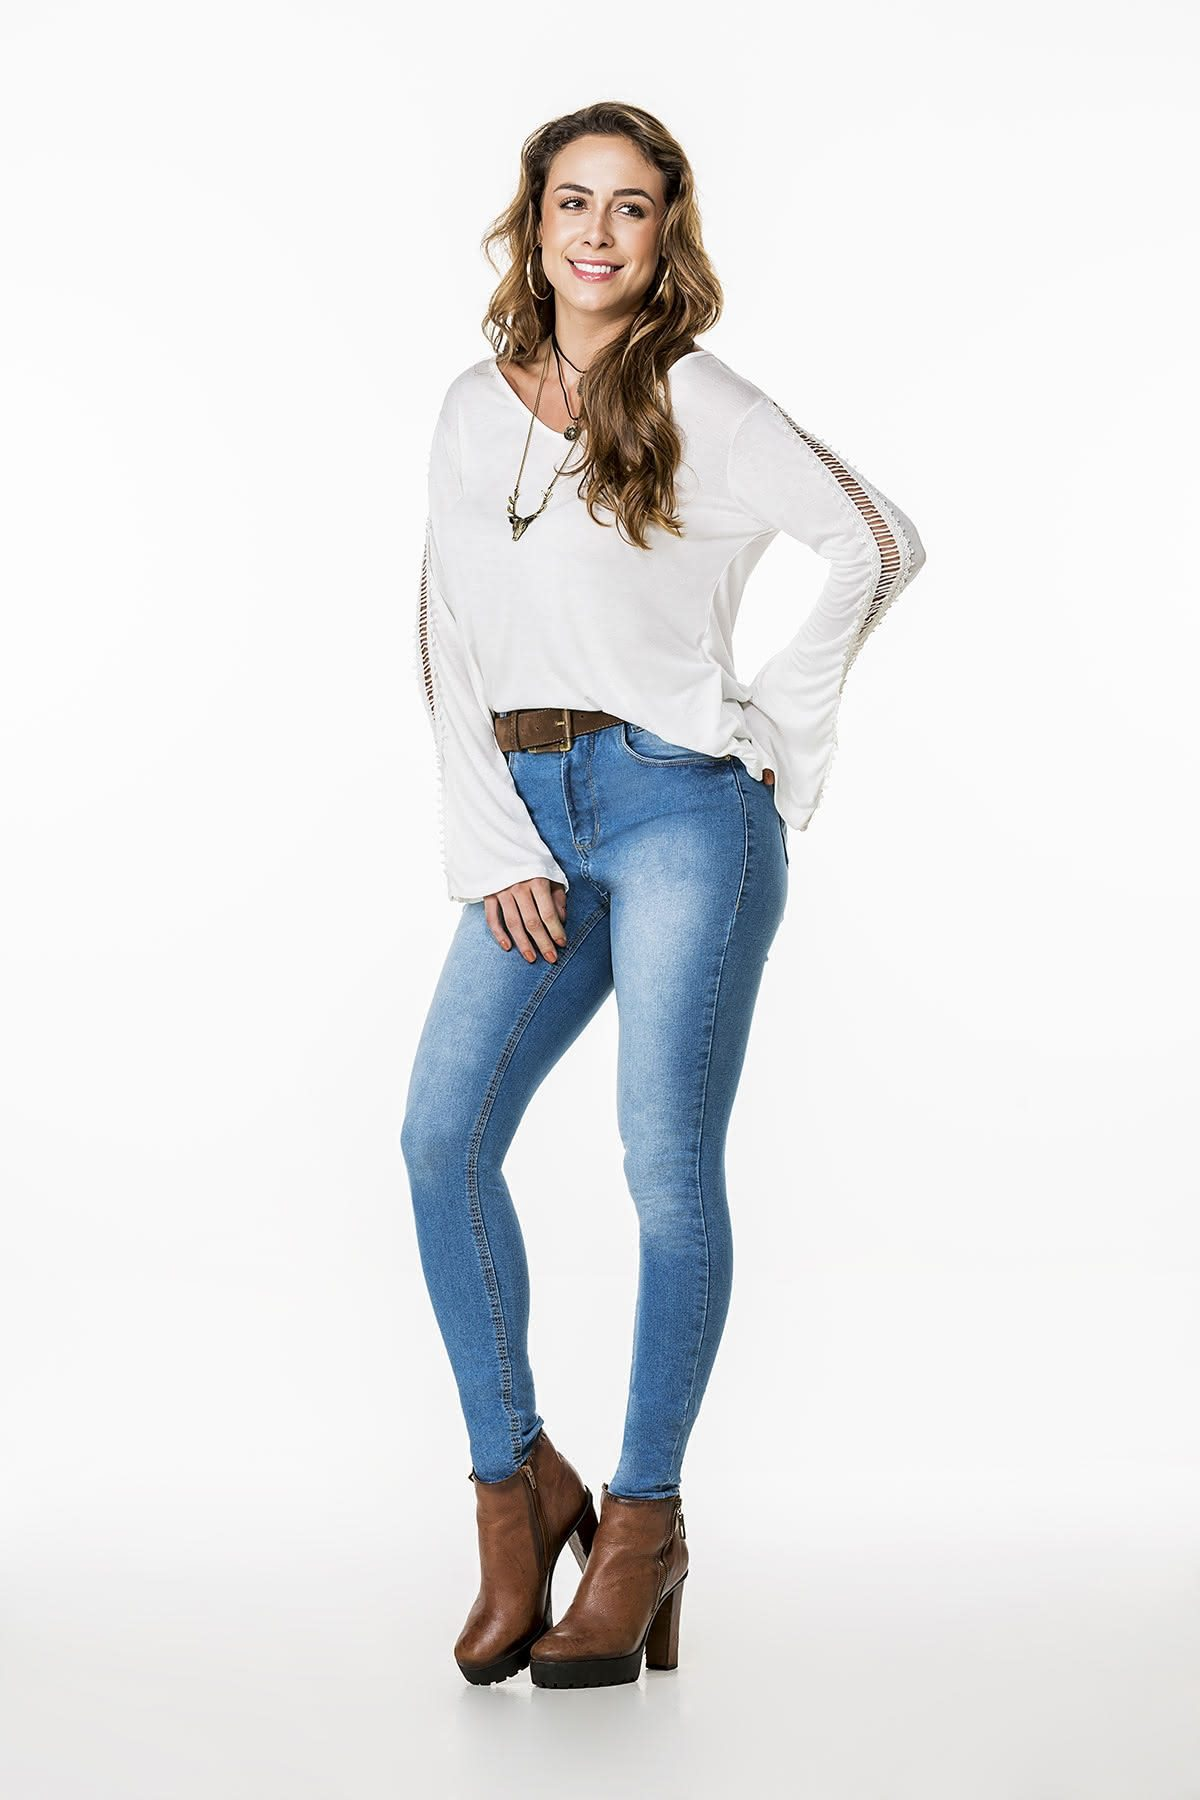 545429d14c Torra Torra Moda Feminina